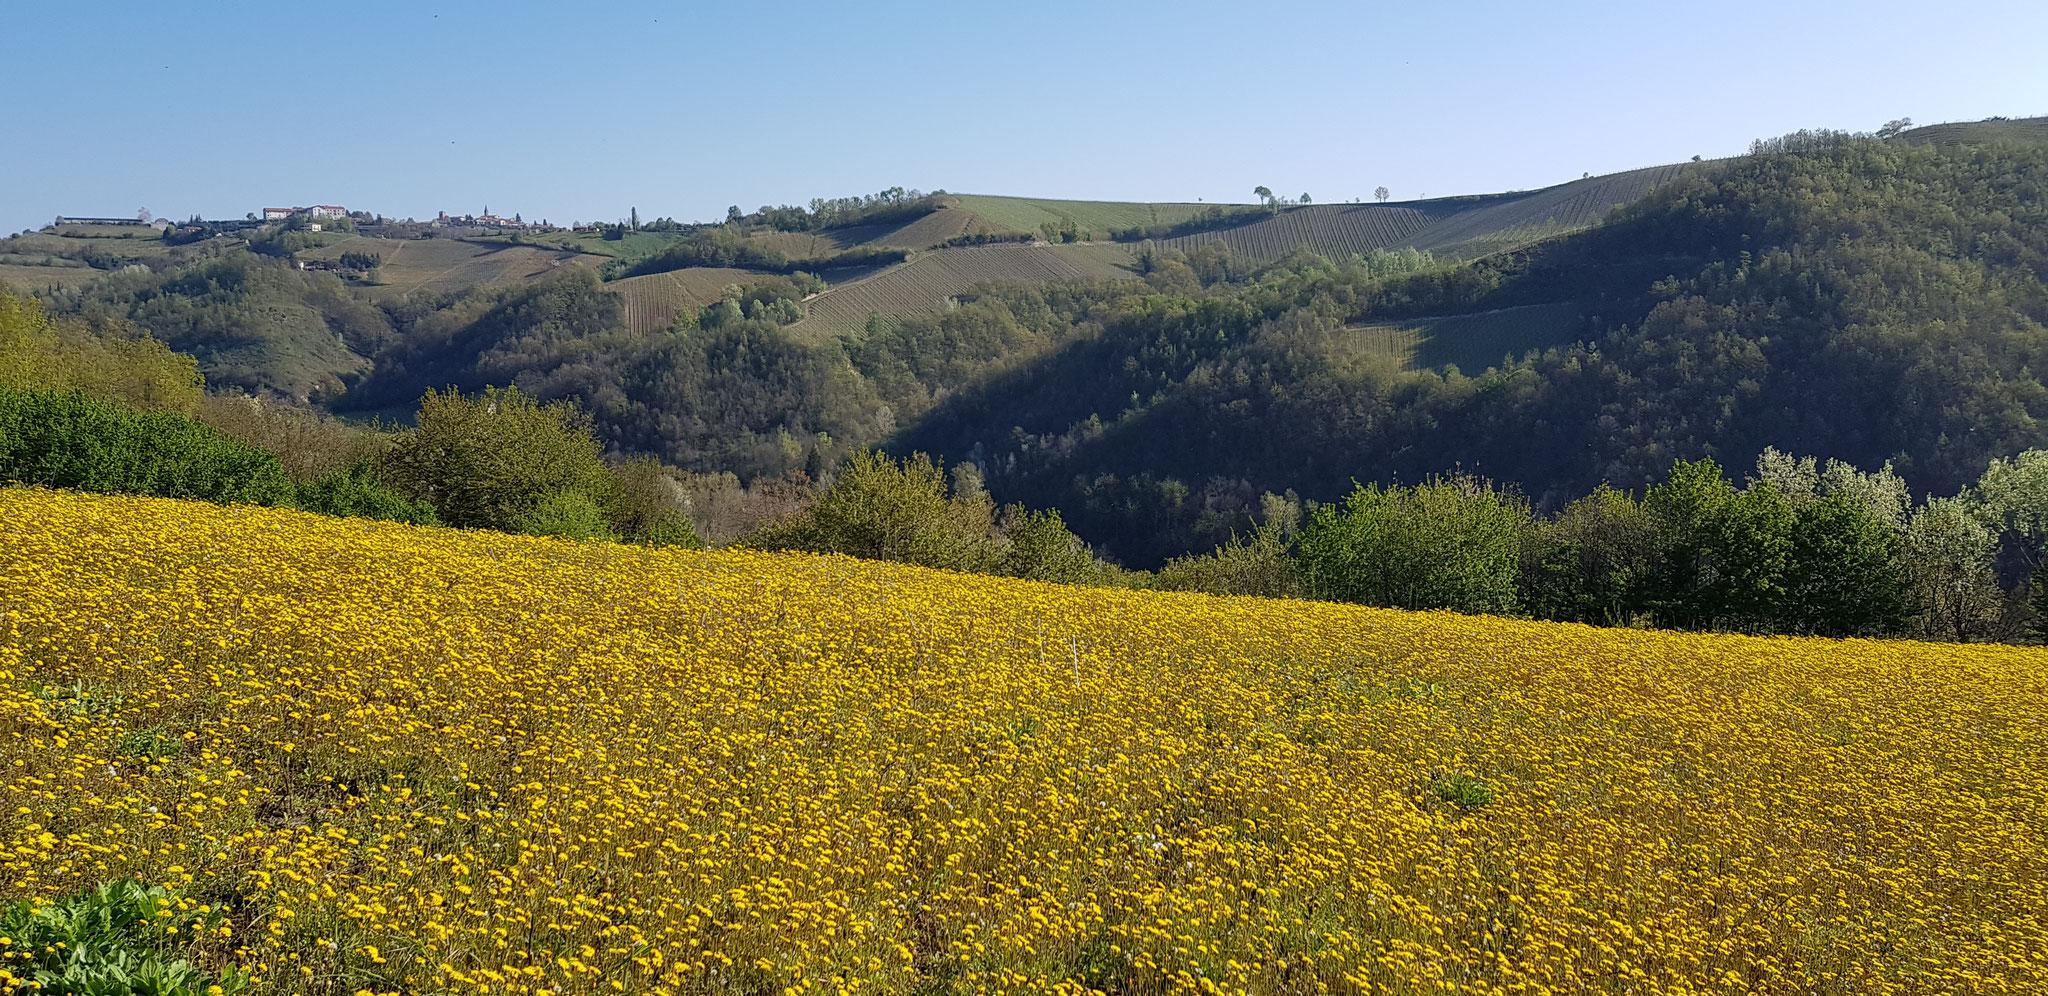 Gelb pur auf unseren Wanderungen durch die Hügel.